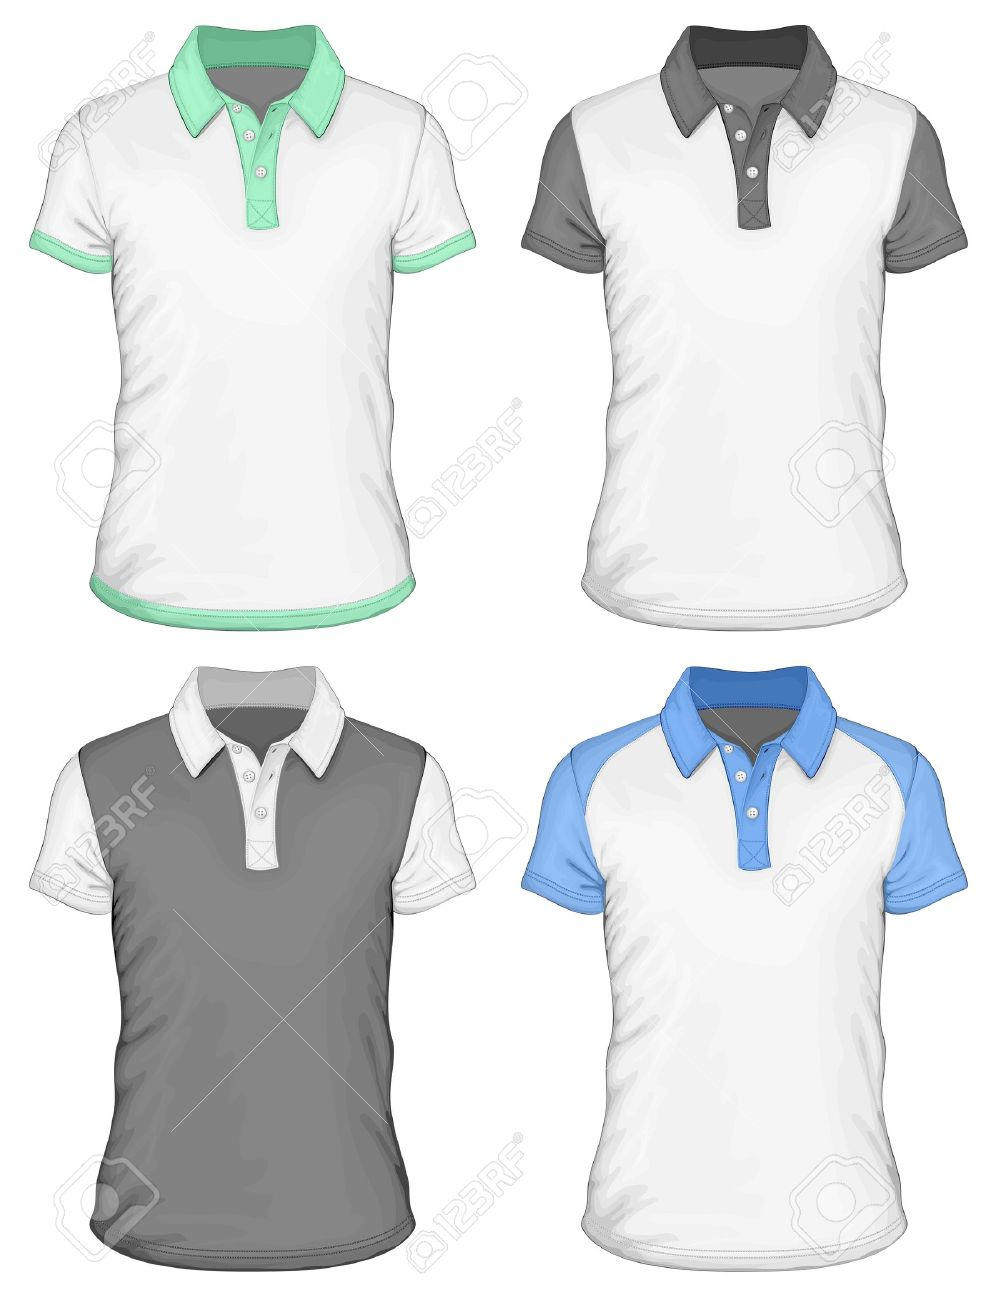 Shirt design with collar - Men S Polo Shirt Design Templates Stock Vector 20243123